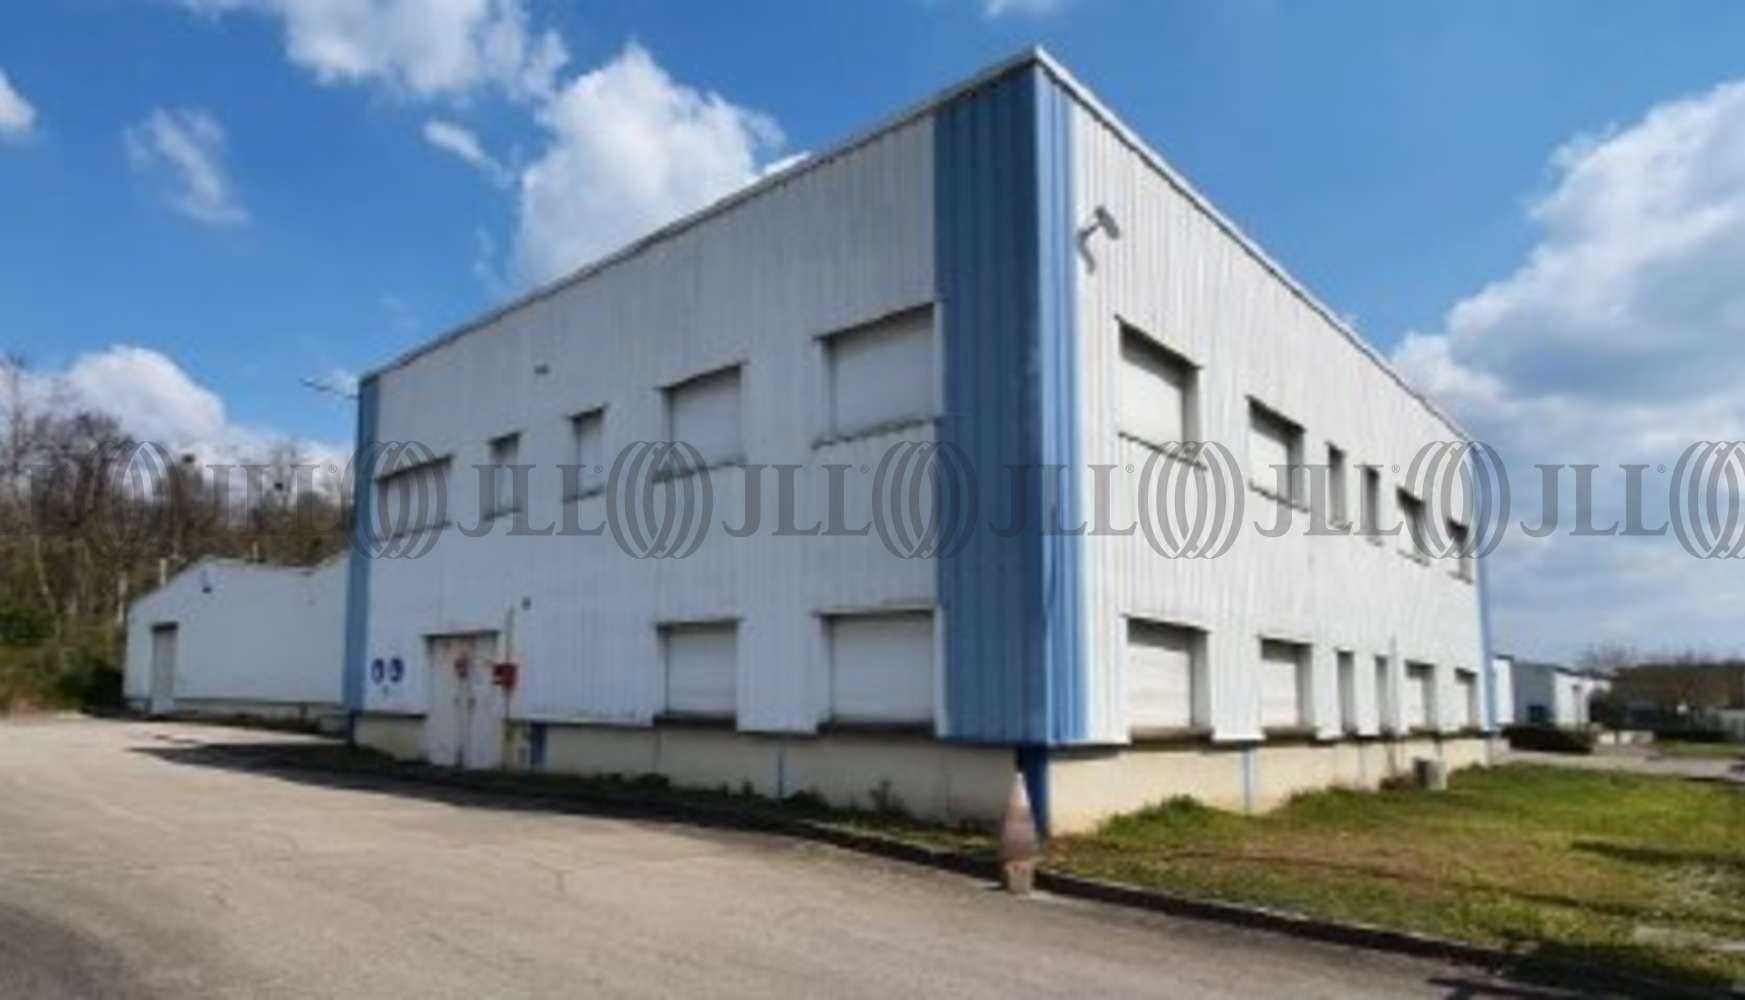 Activités/entrepôt Rosny sur seine, 78710